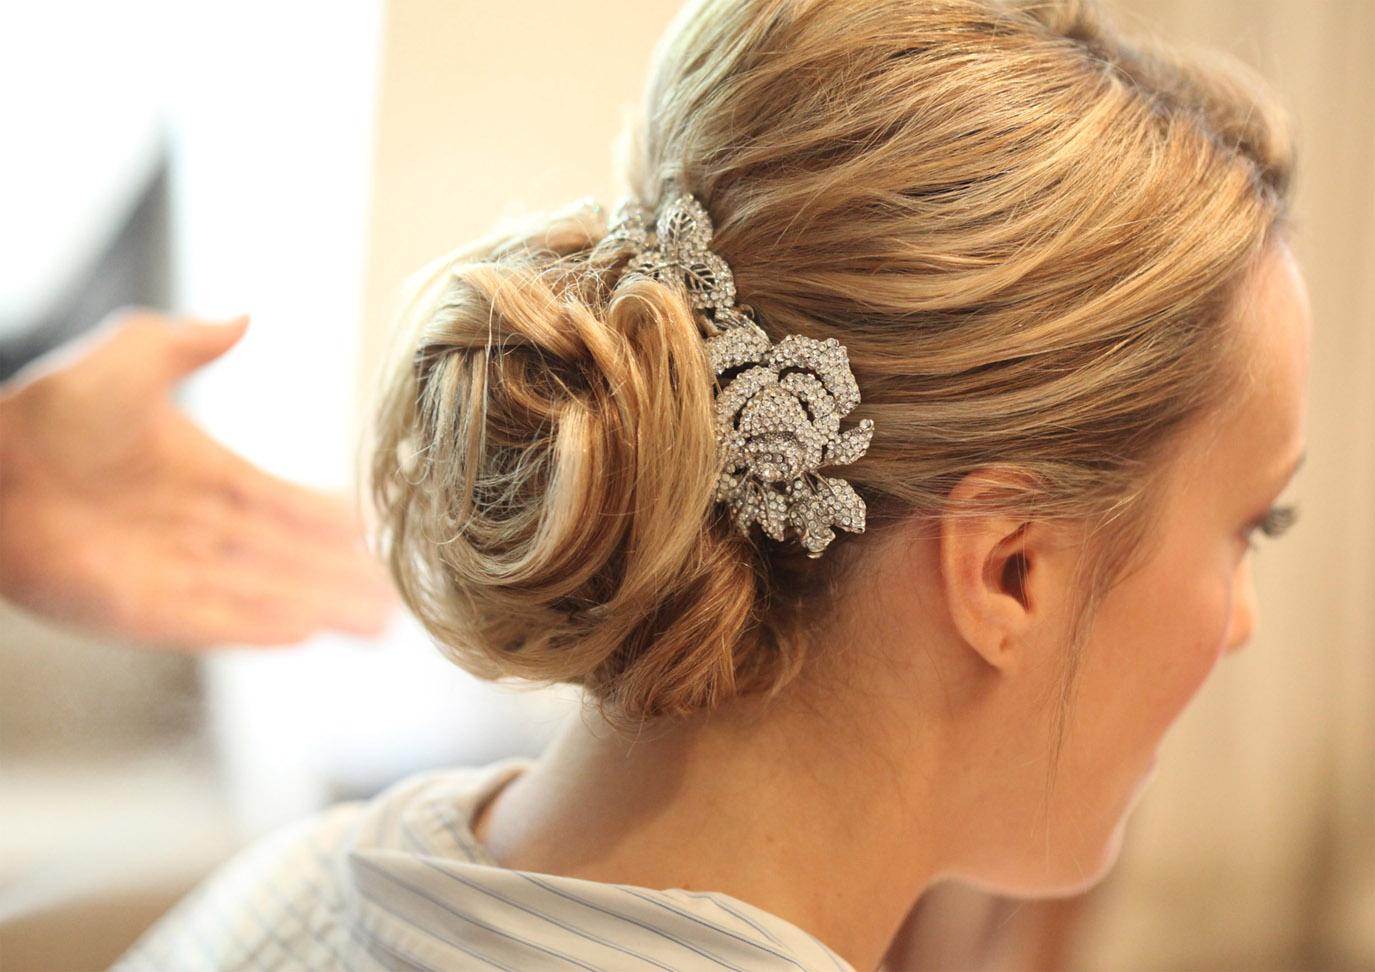 bridal hair online: course work - create beautiful hair